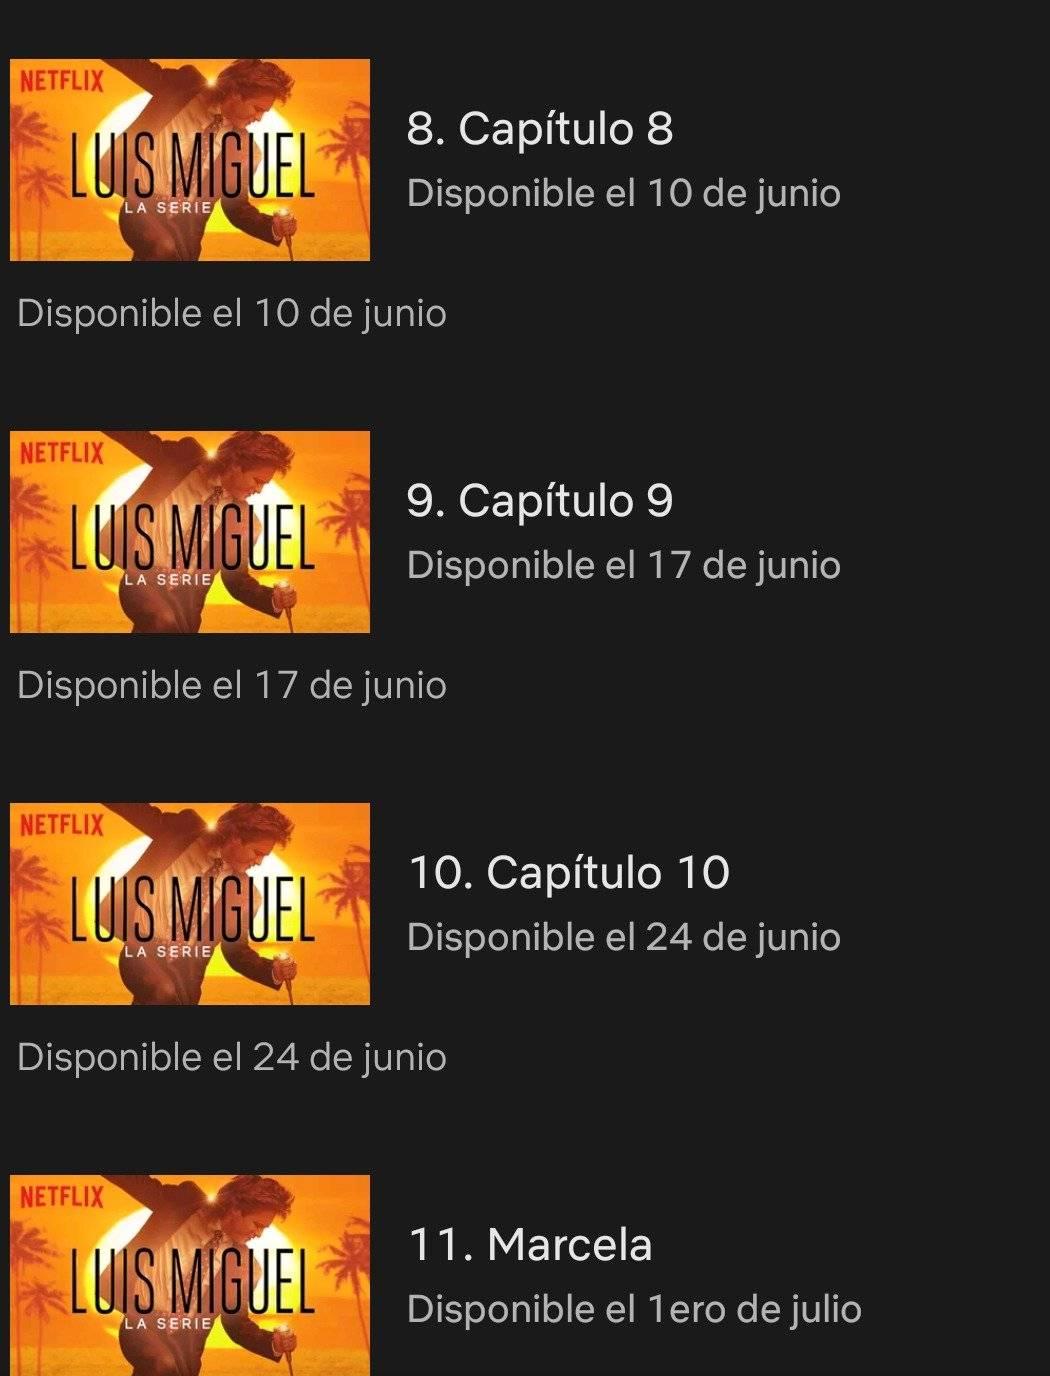 Capítulos en Netflix.